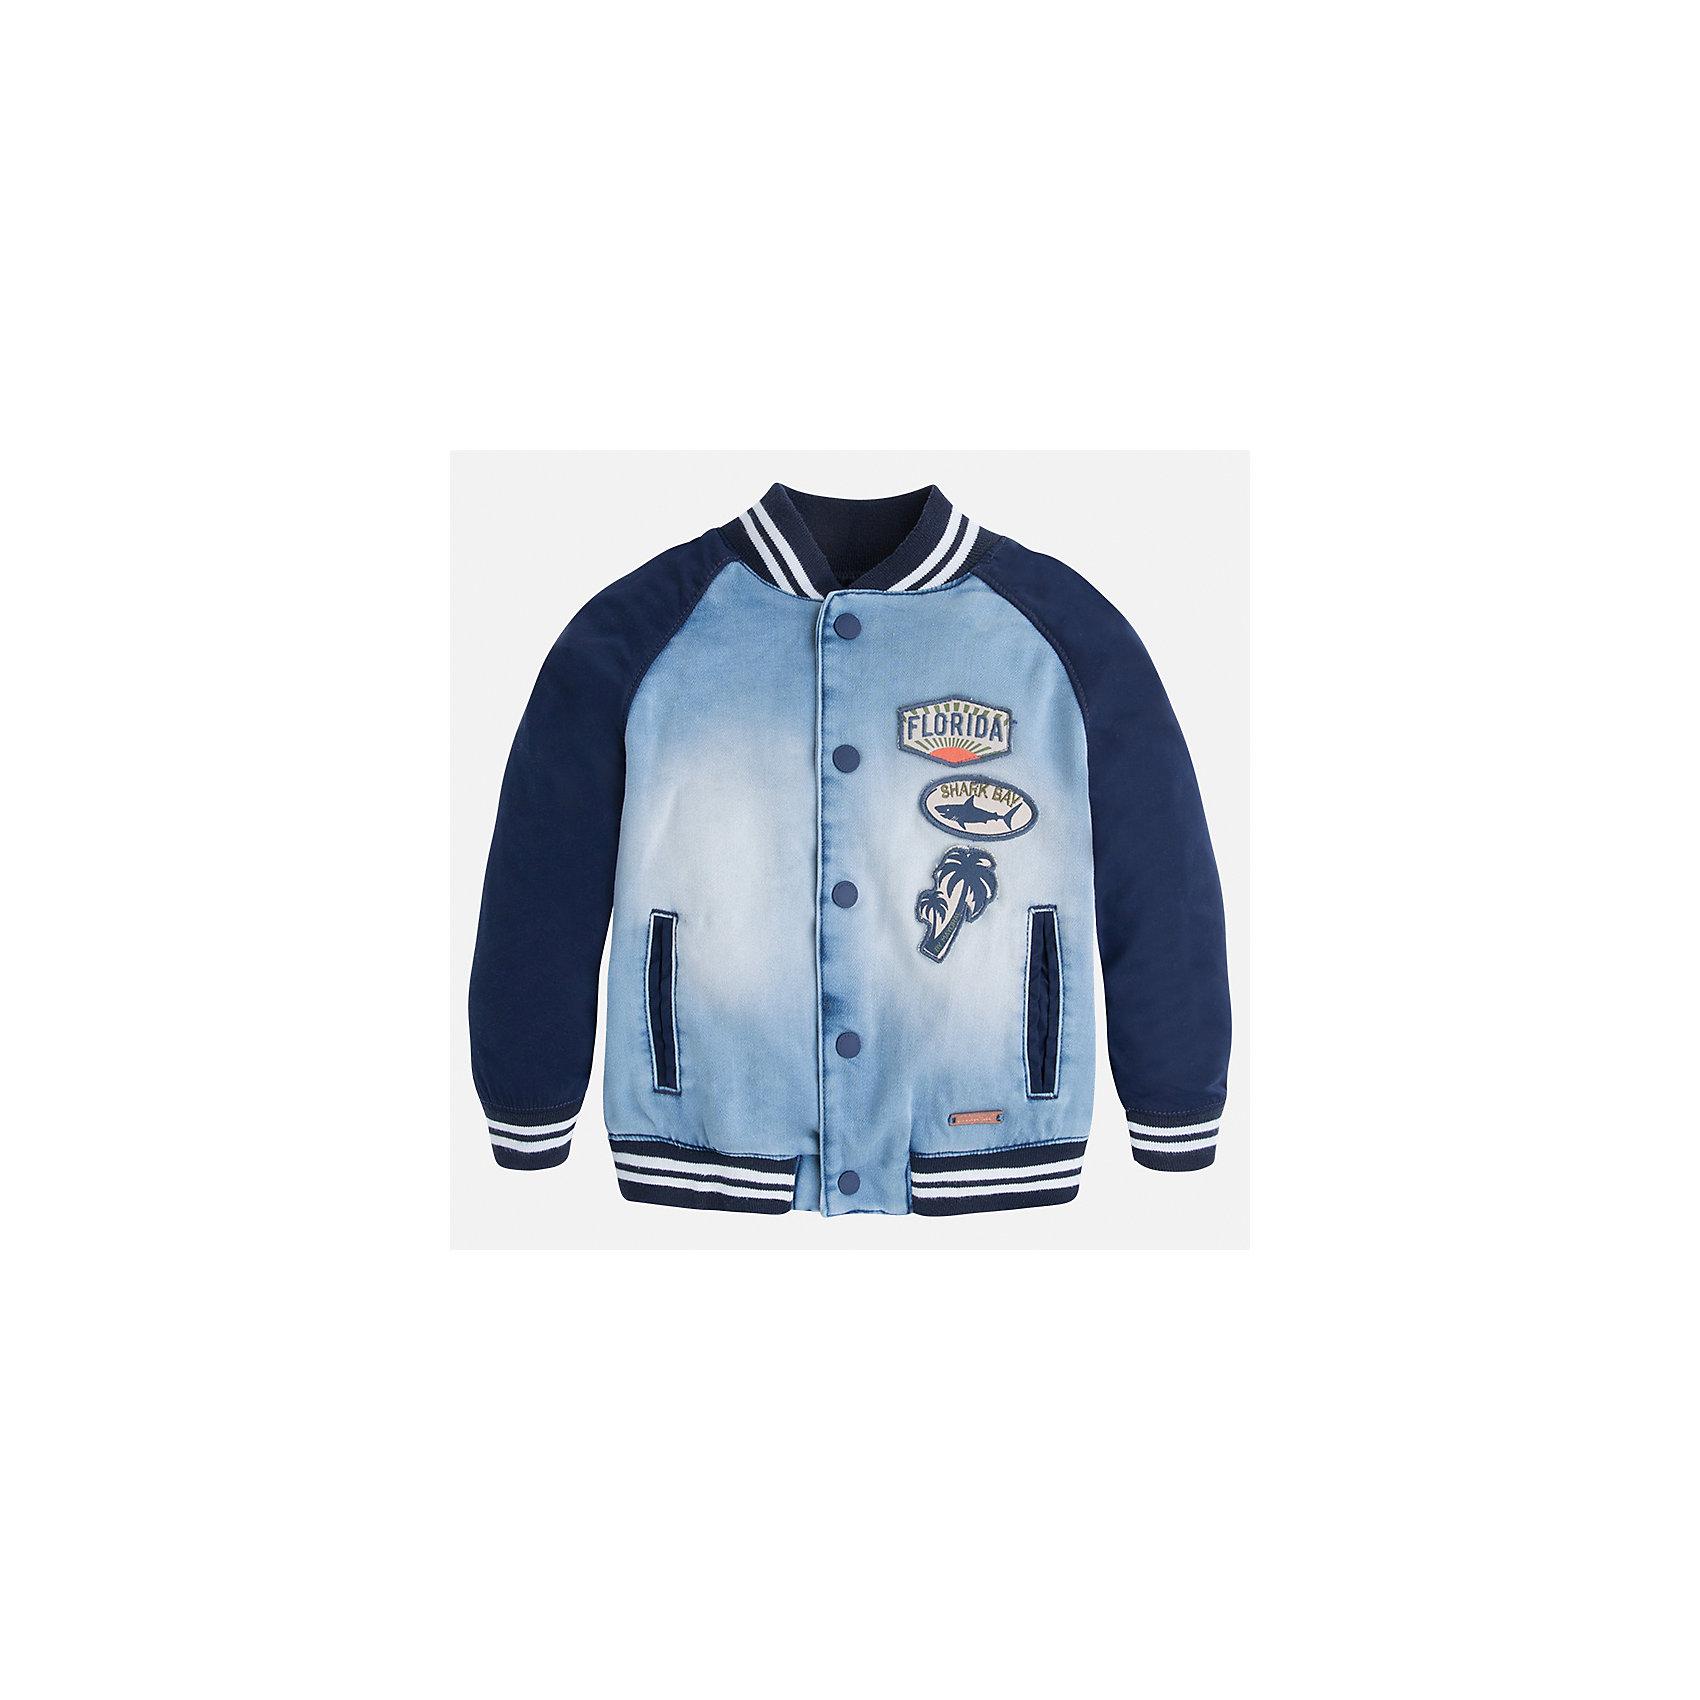 Куртка для мальчика MayoralХарактеристики товара:<br><br>• цвет: голубой/синий<br>• состав: 57% полиэстер, 42% хлопок, 1% эластан<br>• температурный режим: от +20°до +10°С<br>• рукава длинные <br>• карманы<br>• кнопки <br>• нашивки<br>• страна бренда: Испания<br><br>Теплая одежда может быть очень стильной! Удобная и красивая куртка для мальчика поможет разнообразить гардероб ребенка и обеспечить комфорт. Она отлично сочетается и с джинсами, и с брюками. Универсальный цвет позволяет подобрать к вещи низ различных расцветок. Интересная отделка модели делает её нарядной и оригинальной. В составе материала - натуральный хлопок, гипоаллергенный, приятный на ощупь, дышащий.<br><br>Одежда, обувь и аксессуары от испанского бренда Mayoral полюбились детям и взрослым по всему миру. Модели этой марки - стильные и удобные. Для их производства используются только безопасные, качественные материалы и фурнитура. Порадуйте ребенка модными и красивыми вещами от Mayoral! <br><br>Куртку для мальчика от испанского бренда Mayoral (Майорал) можно купить в нашем интернет-магазине.<br><br>Ширина мм: 356<br>Глубина мм: 10<br>Высота мм: 245<br>Вес г: 519<br>Цвет: голубой<br>Возраст от месяцев: 72<br>Возраст до месяцев: 84<br>Пол: Мужской<br>Возраст: Детский<br>Размер: 116,128,134,122,104,92,98,110<br>SKU: 5280567